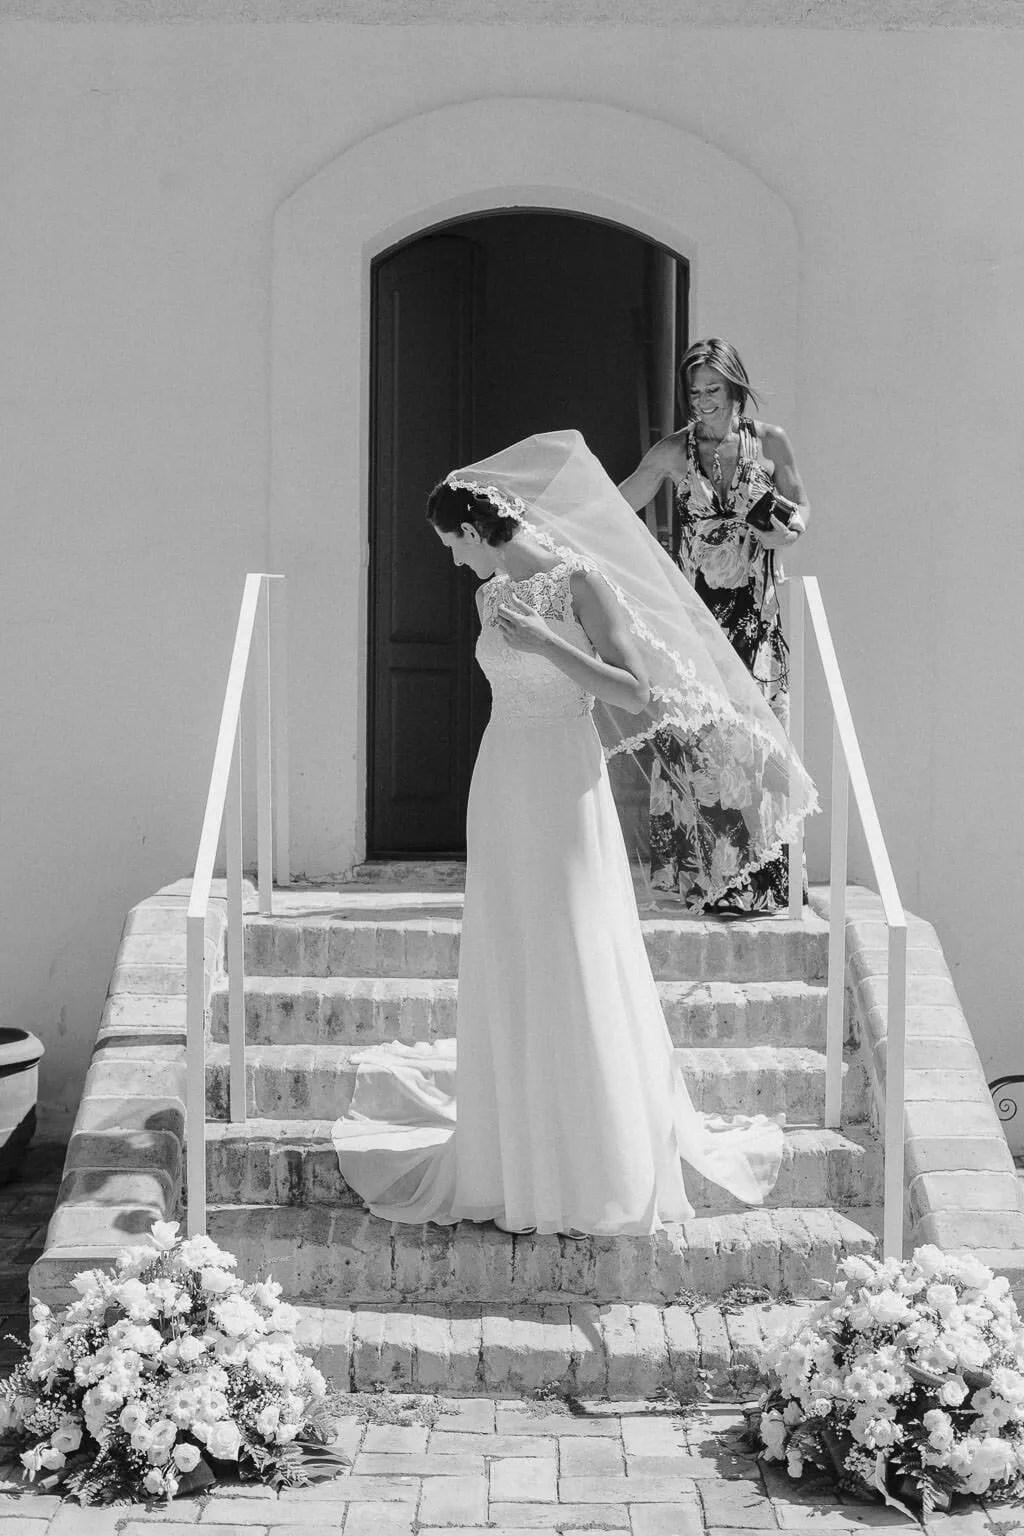 matera-italia-destination-wedding-fotografo-masseria-bonelli-puglia-pietro-moliterni-26